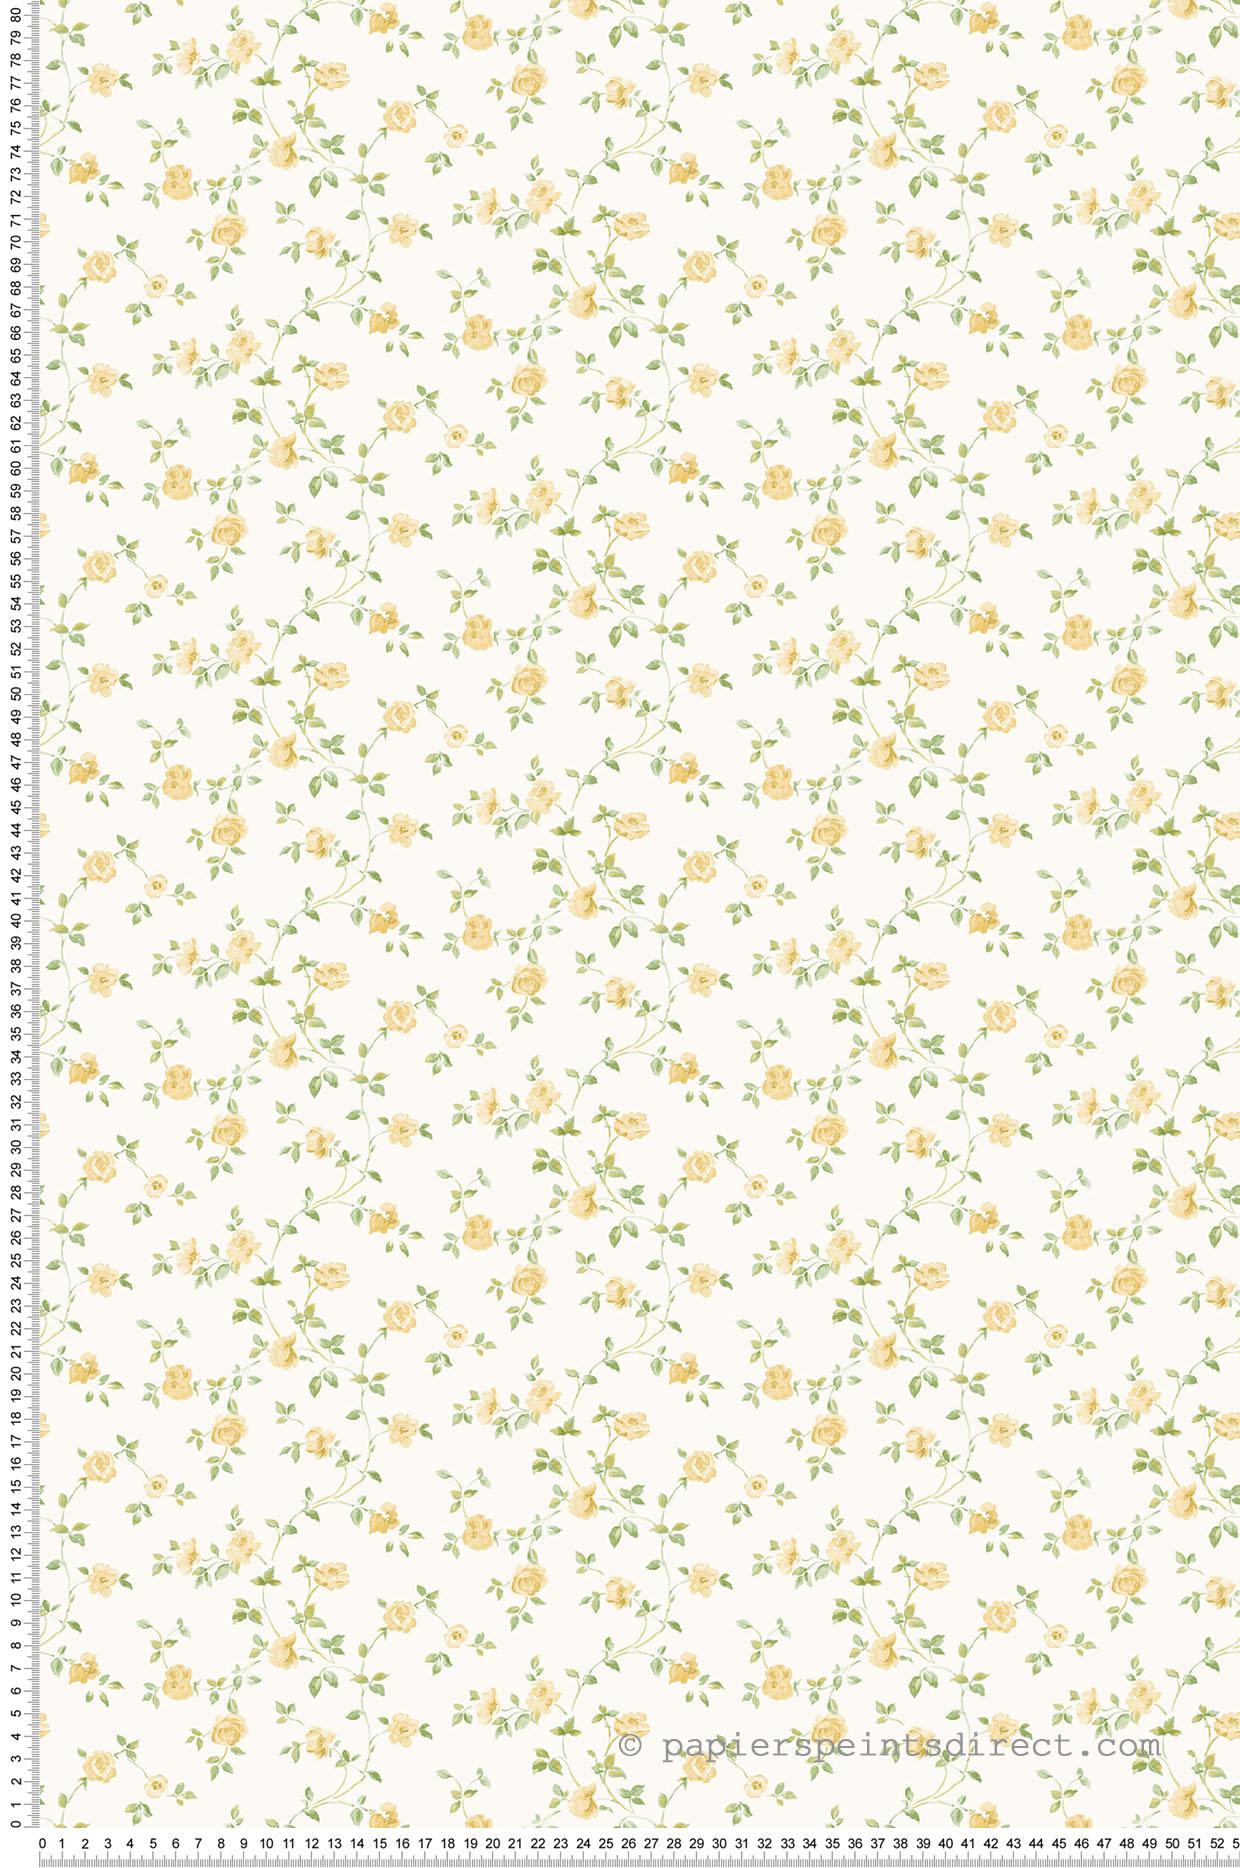 Papier peint fleurs Rosier Grimpant vert/jaune - Miniatures de Lutèce | Réf. LTC-G67891